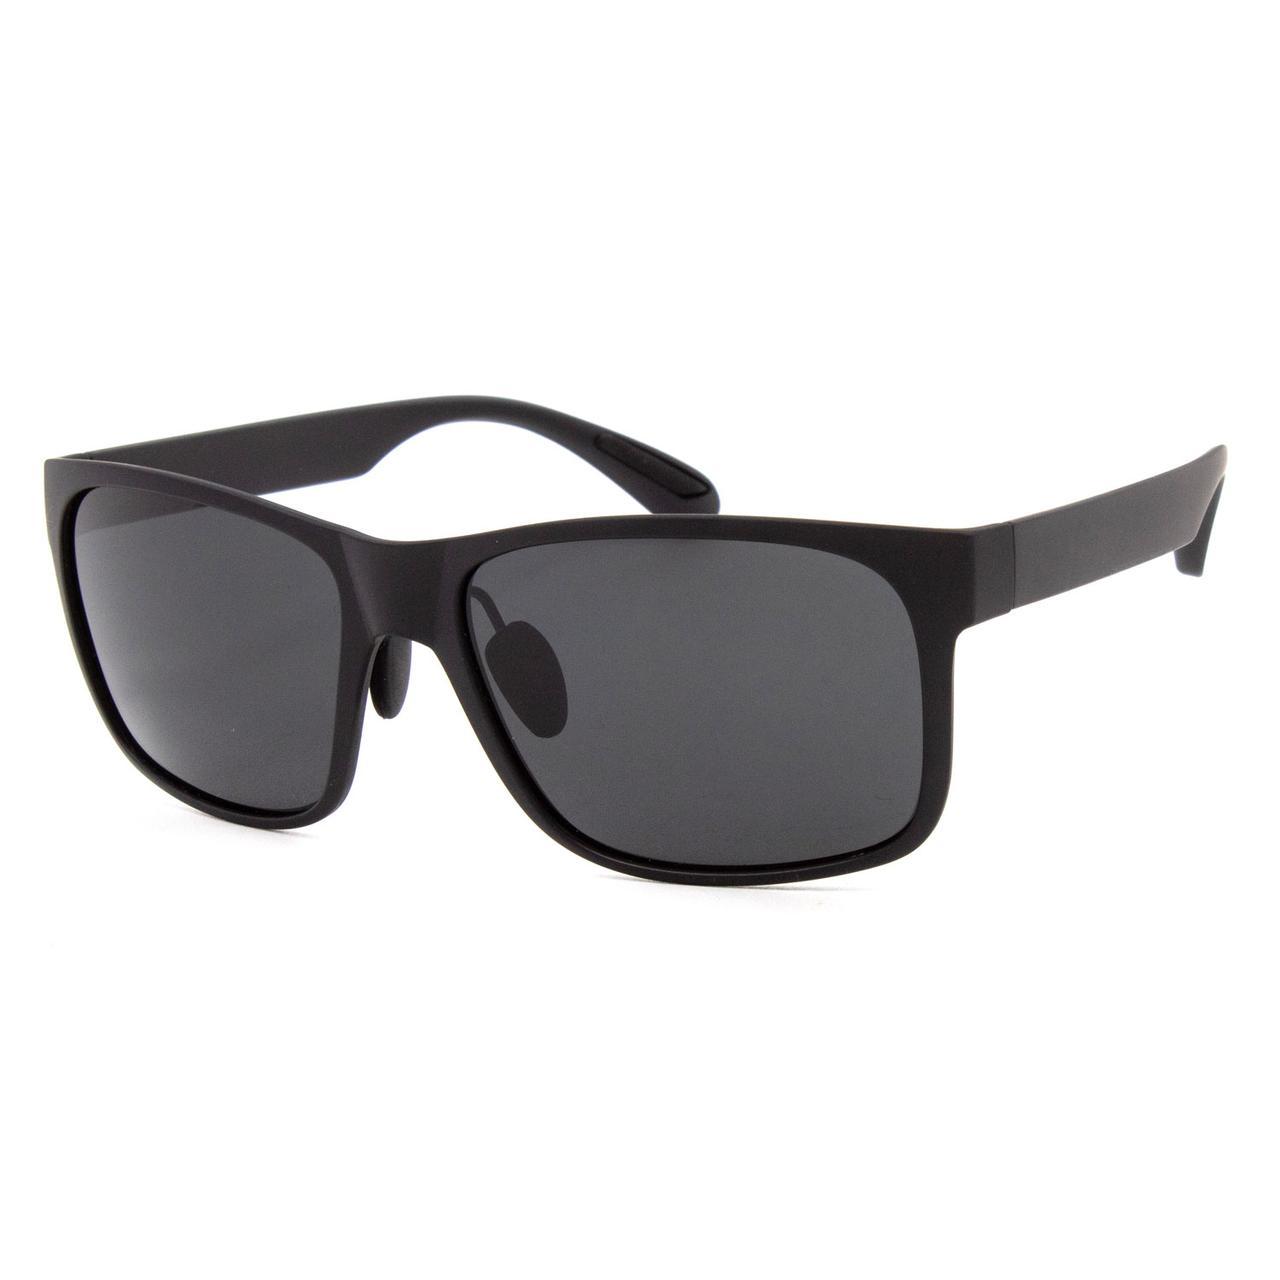 Солнцезащитные очки Marmilen Polar P0127 C6 черные    ( P0127-06 )